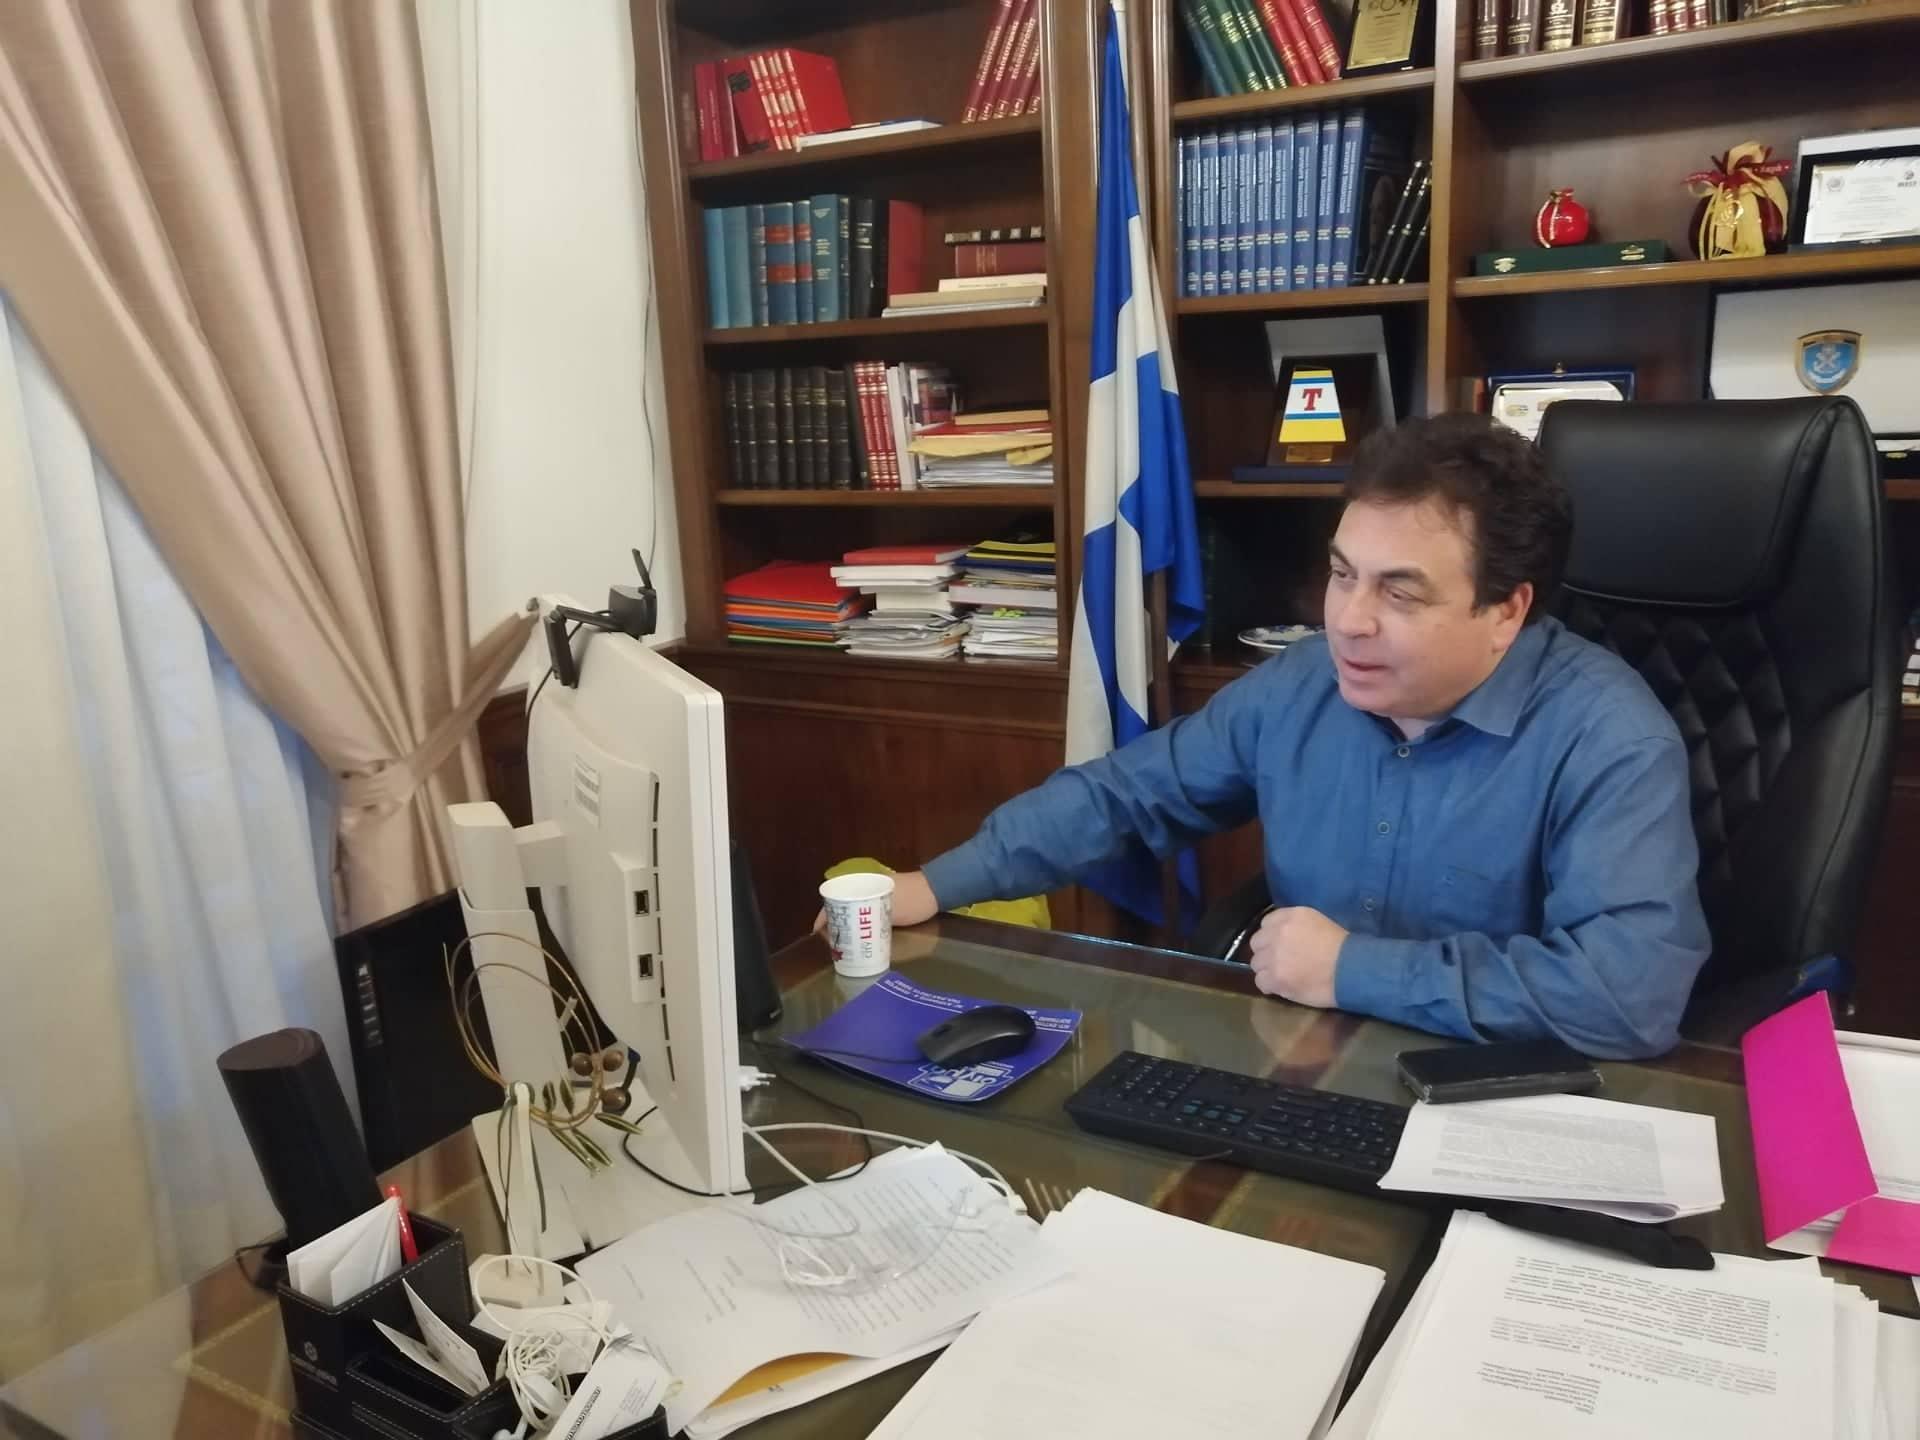 Δήμαρχος Πύργου Παν. Αντωνακόπουλος: «Κοινωνικό μέτωπο με αξιώσεις και αγώνες η μόνη λύση για το Τμήμα Μουσειολογίας Πύργου» (photos)